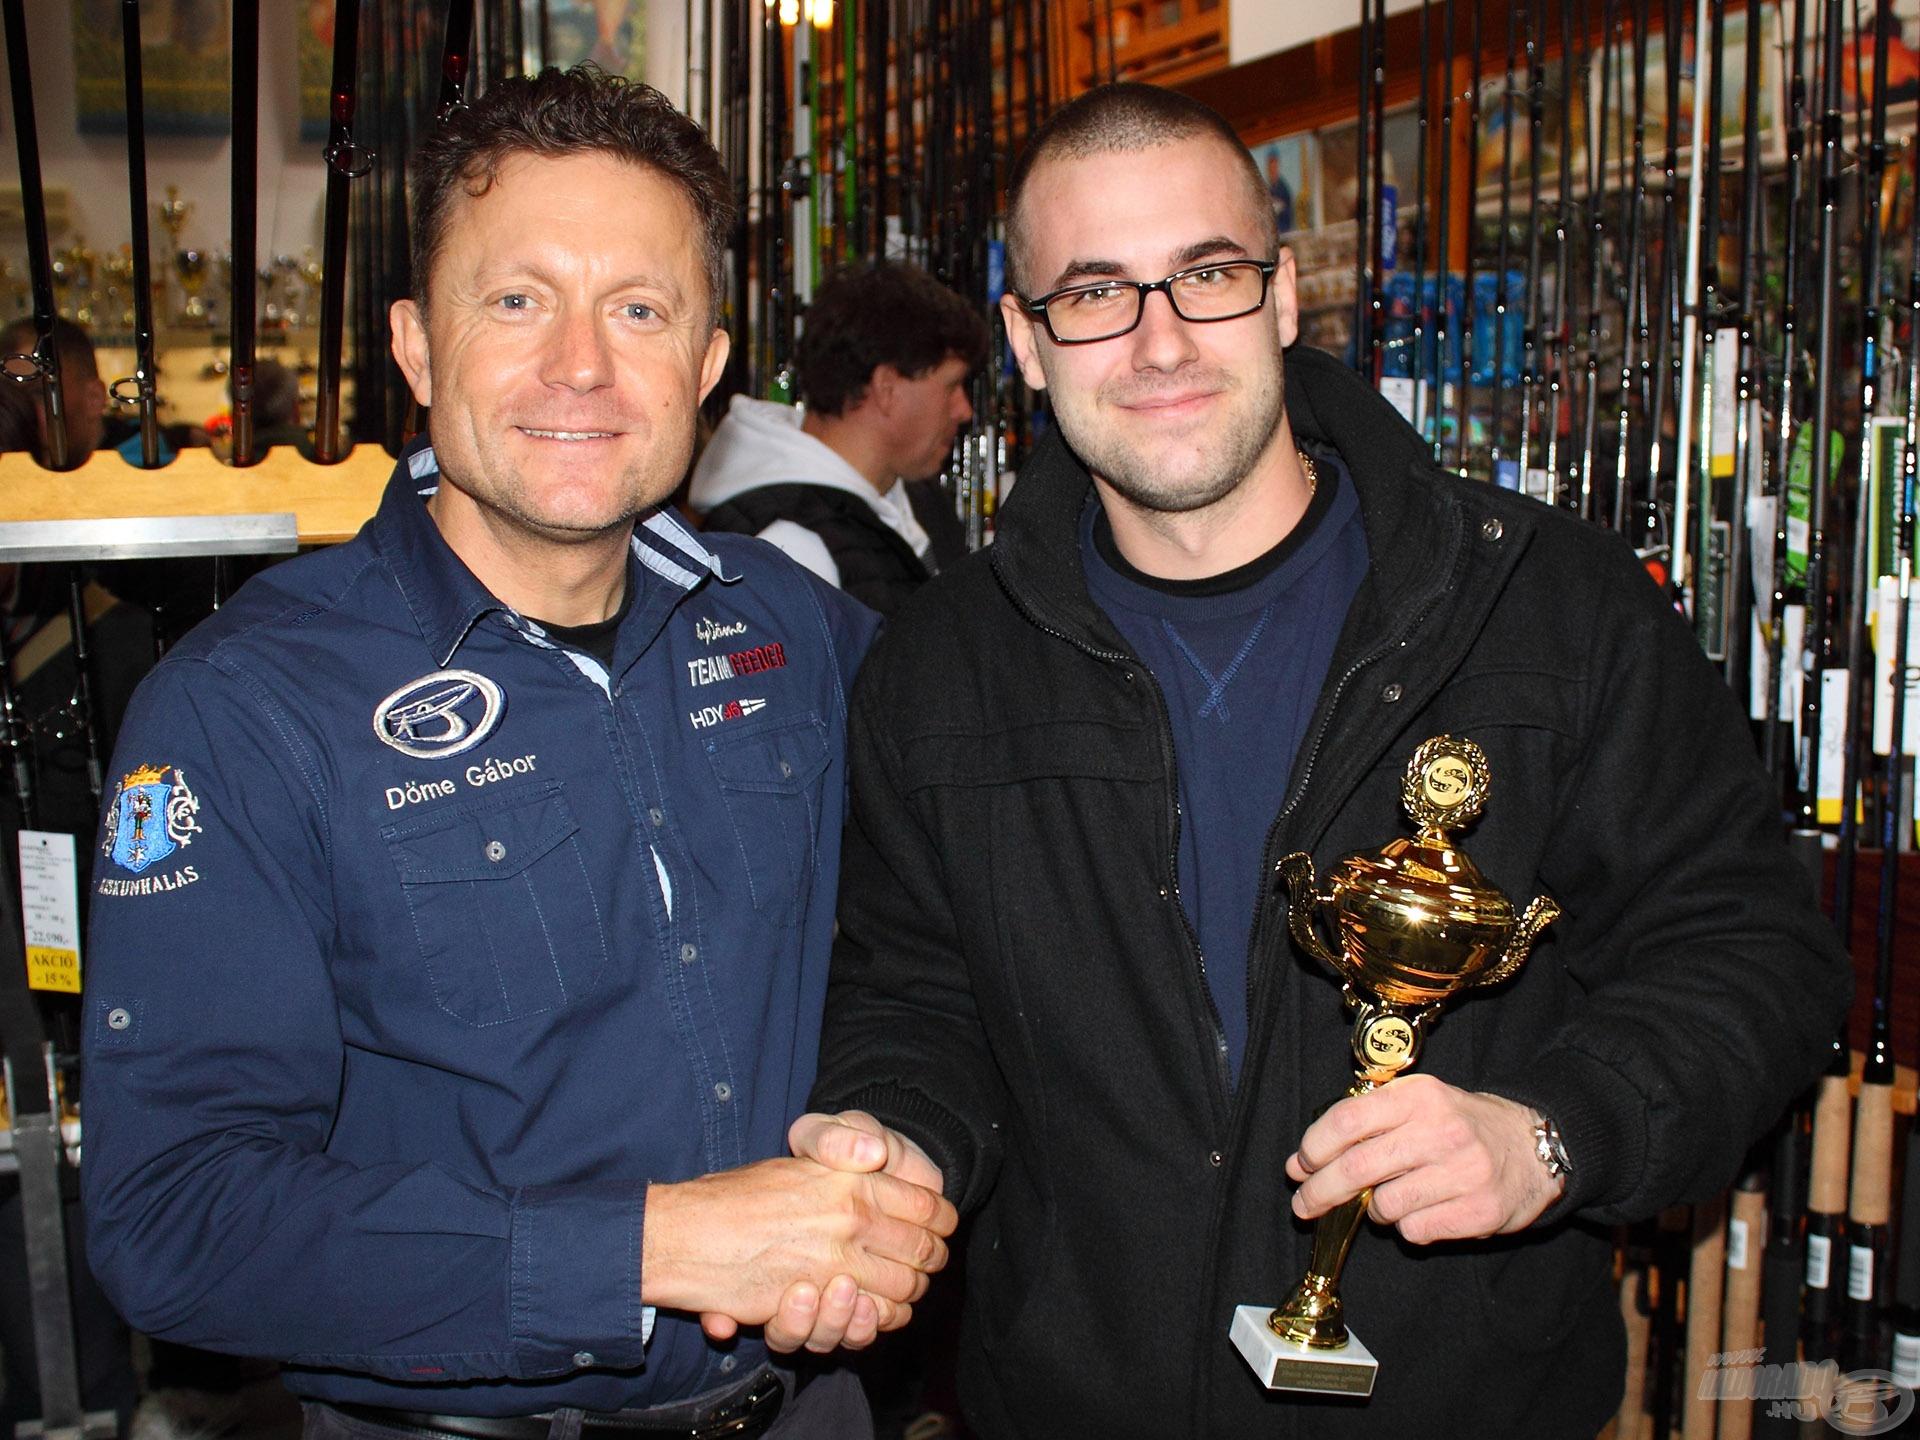 Valent Patrik kapta meg a 2016-os év fogása díjat nemes hal kategóriában